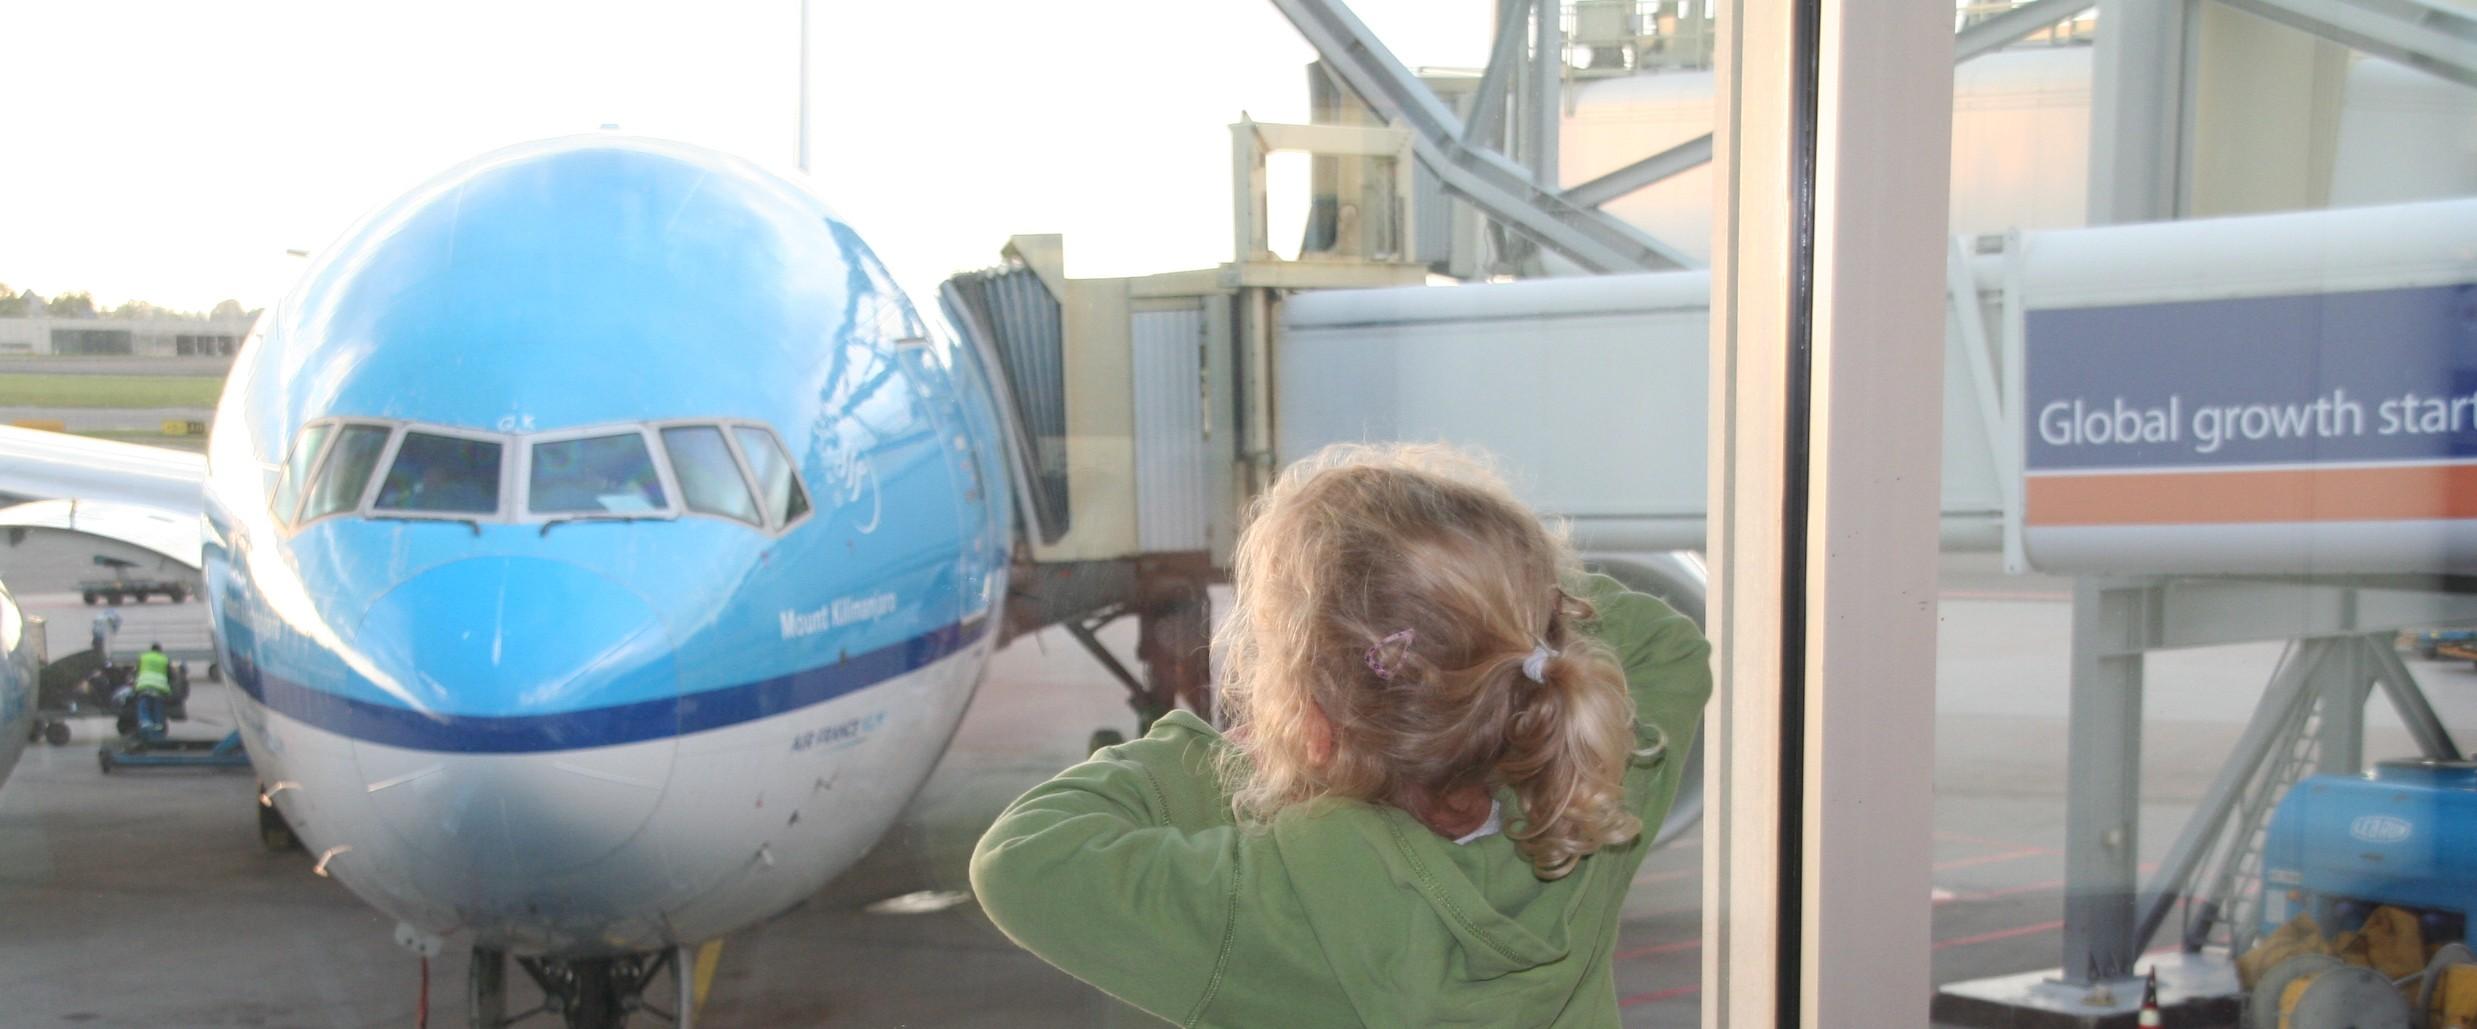 Vliegen met kinderen klm schiphol